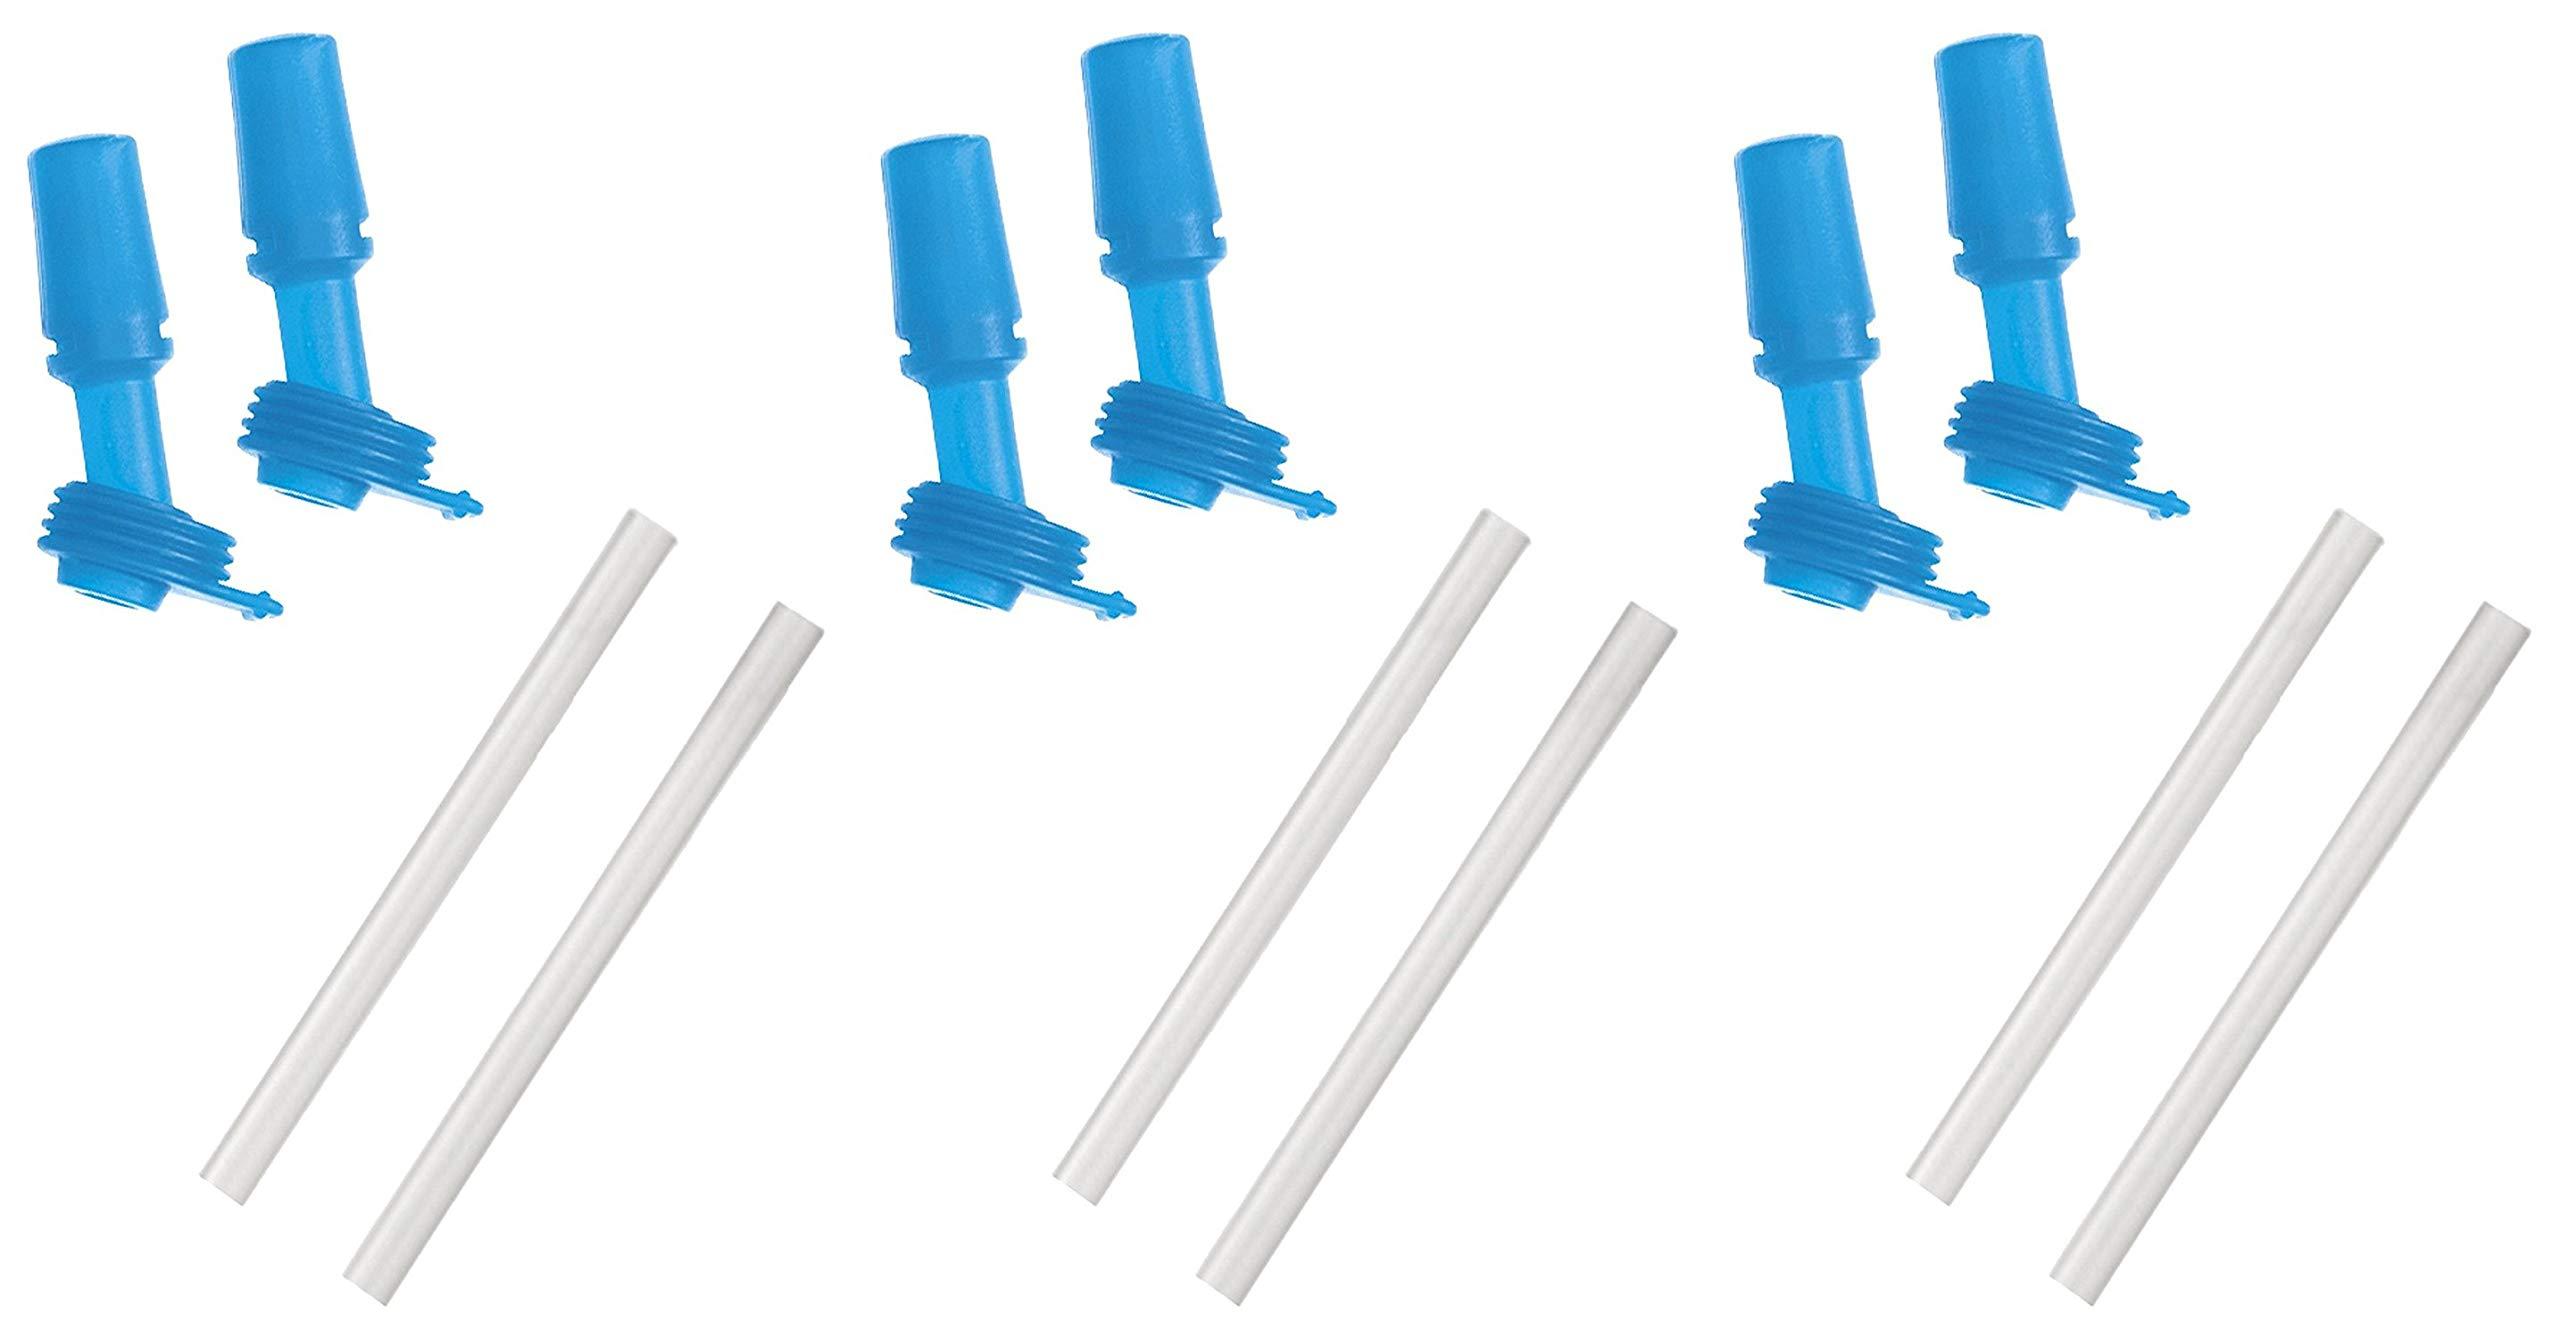 CamelBak Eddy Kids Bottle Accessory 2 Bite Valves/2 Straws, One Size, Ice Blue (3 Pack)